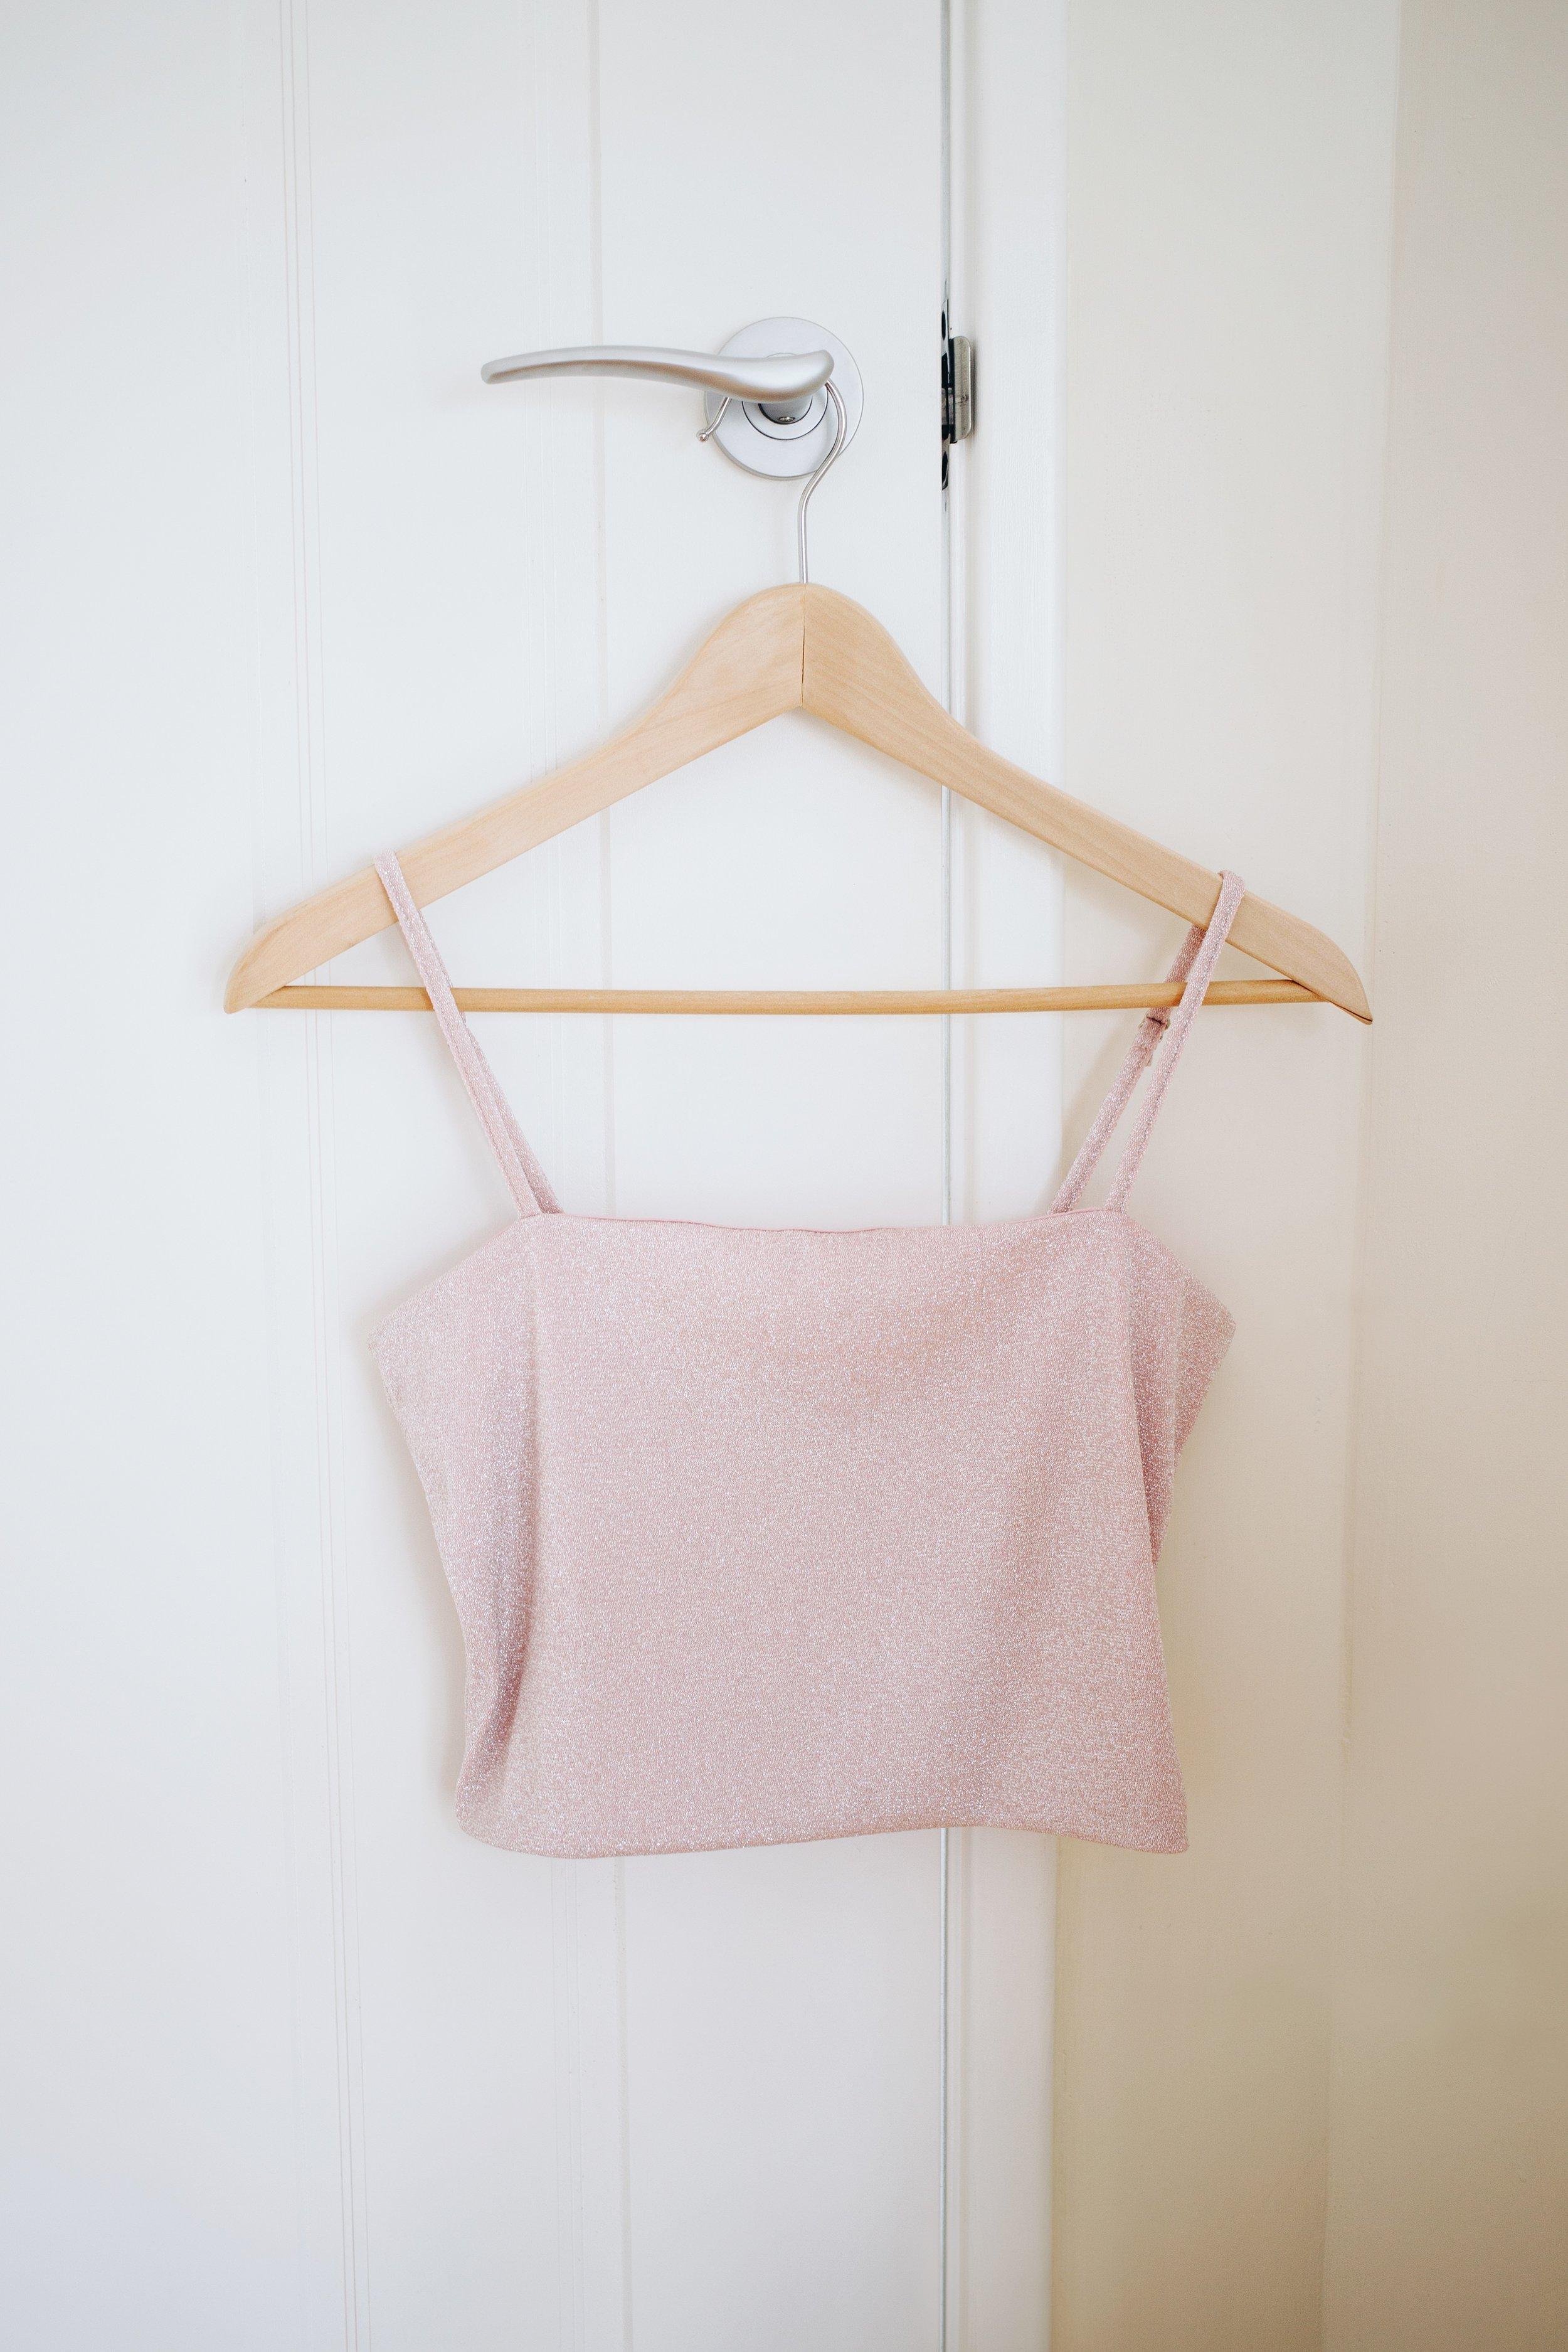 spring-summer-wardrobe-3.JPG